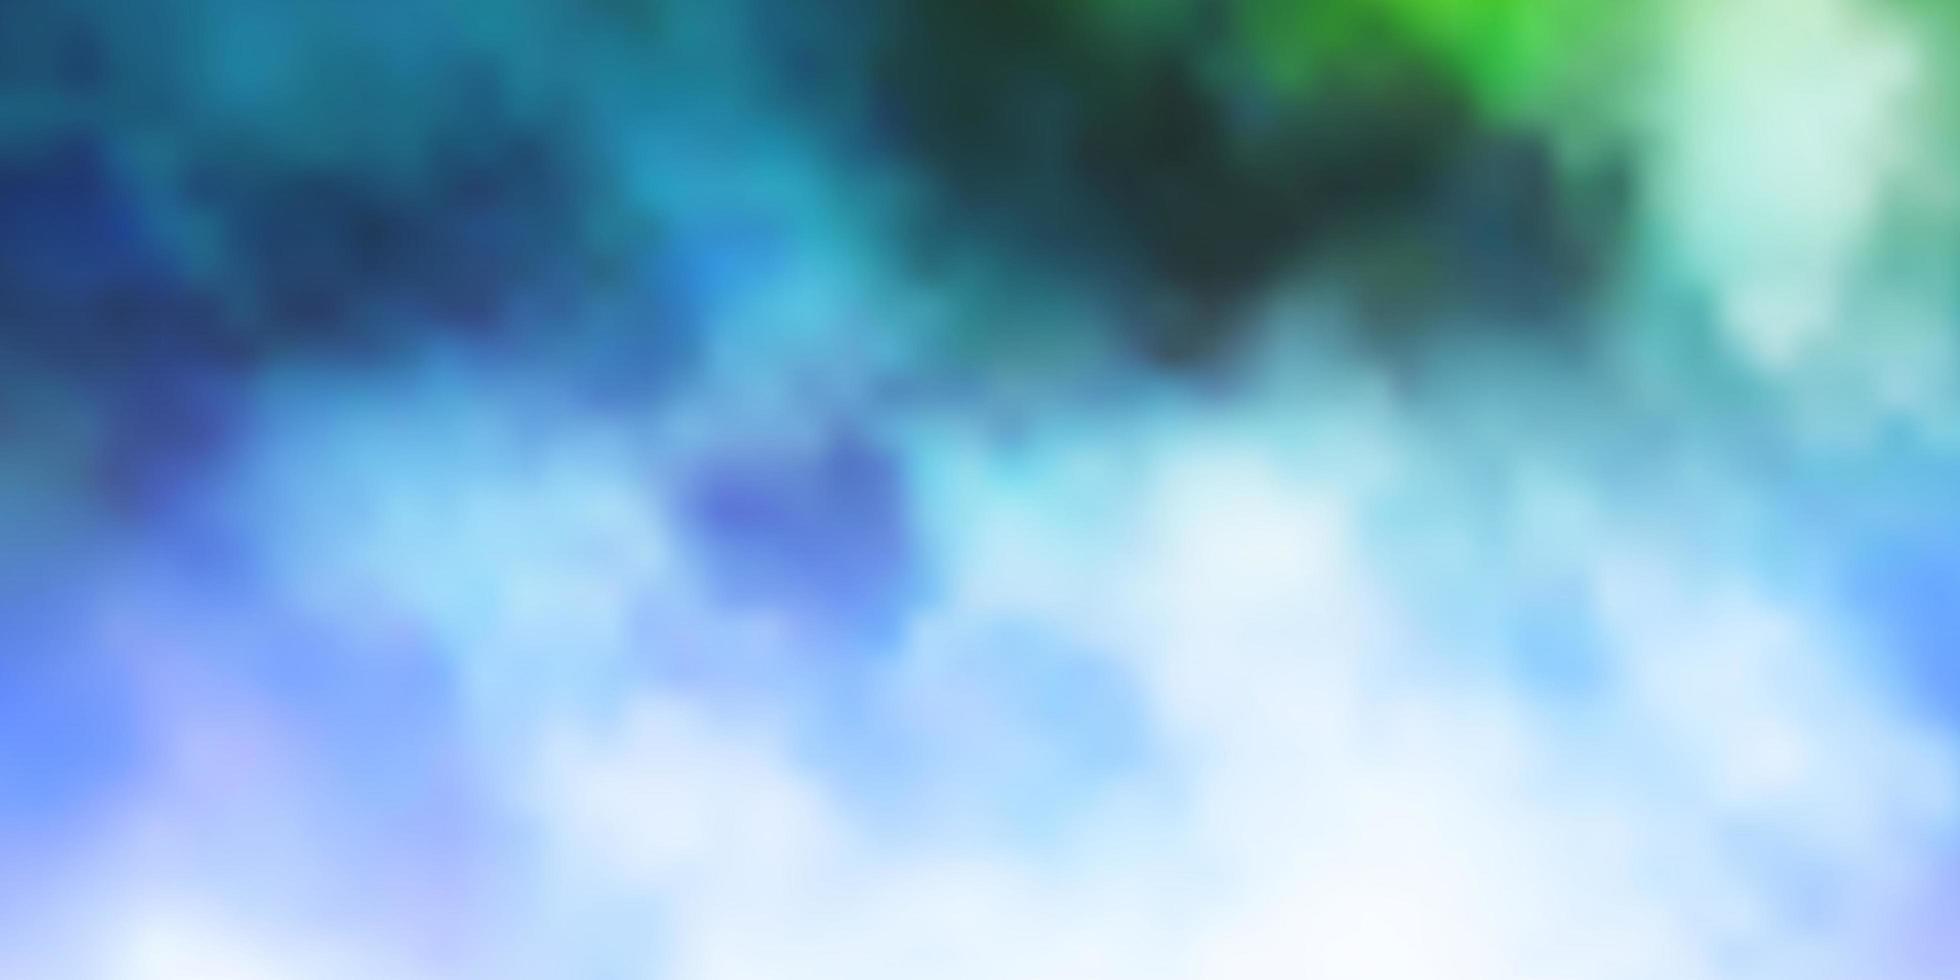 lichtblauw, groen vectorpatroon met wolken. vector